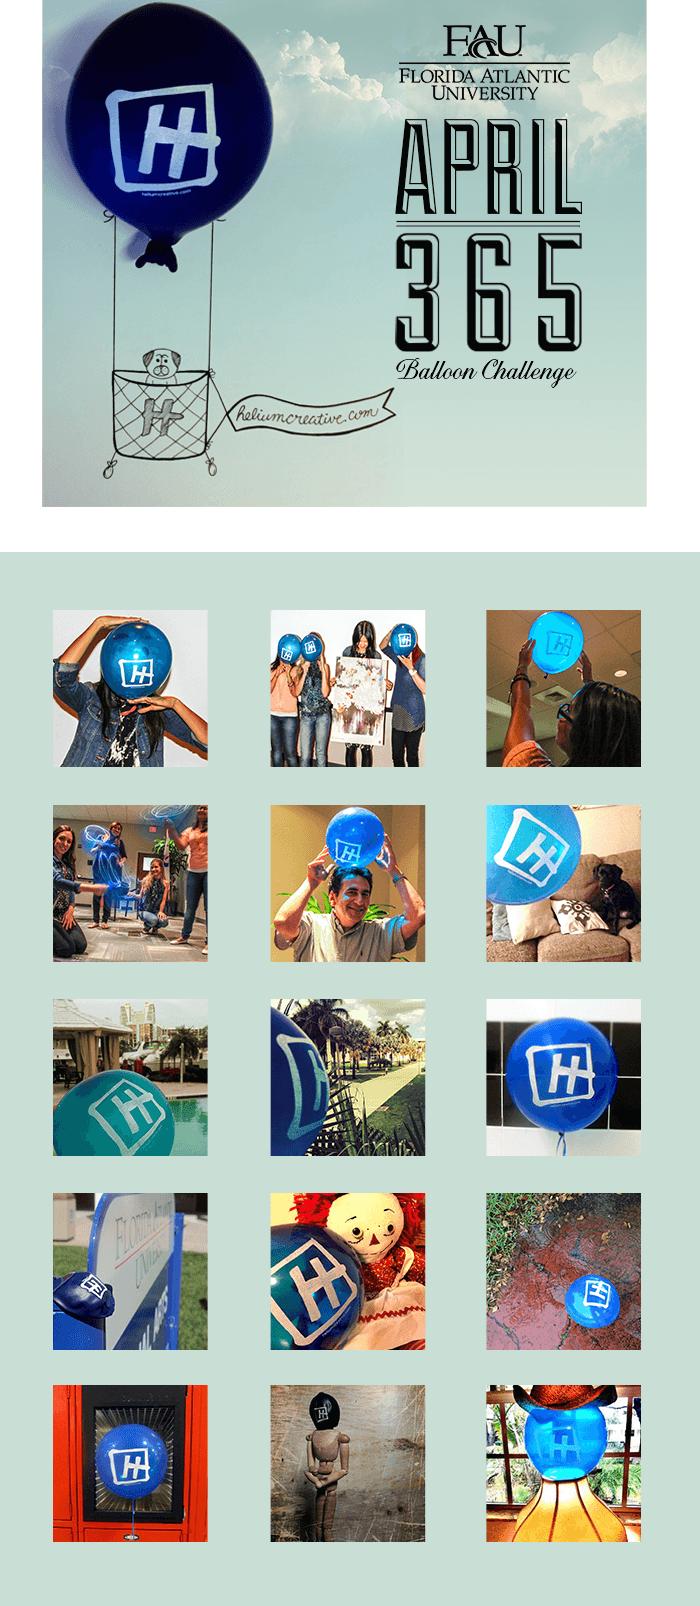 Helium_BalloonChallenge_FAU_FINAL3_060214